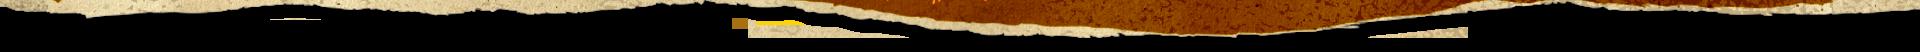 Header mit ejbn-logo